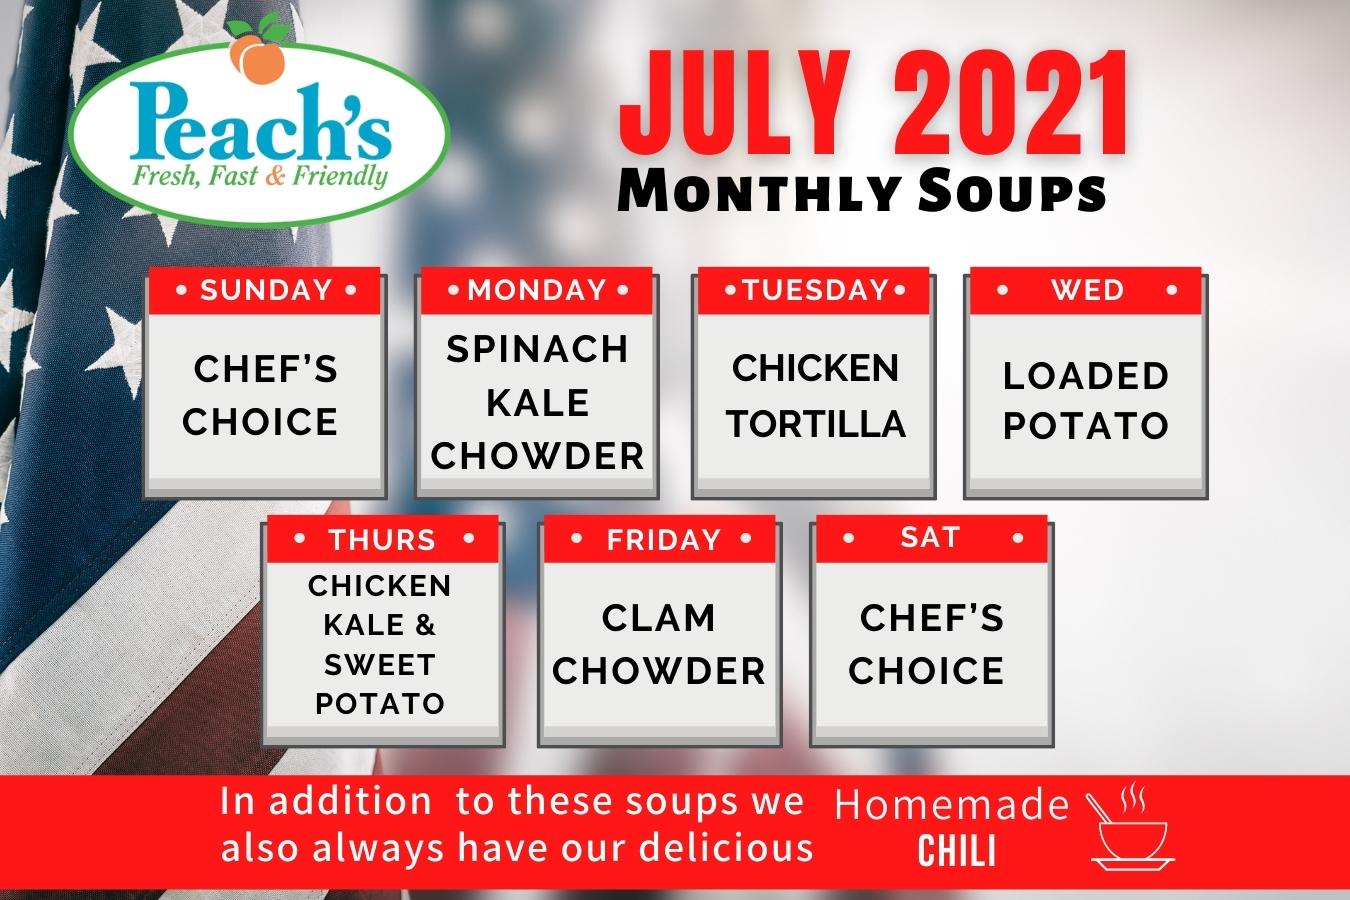 july_021_soups.jpg